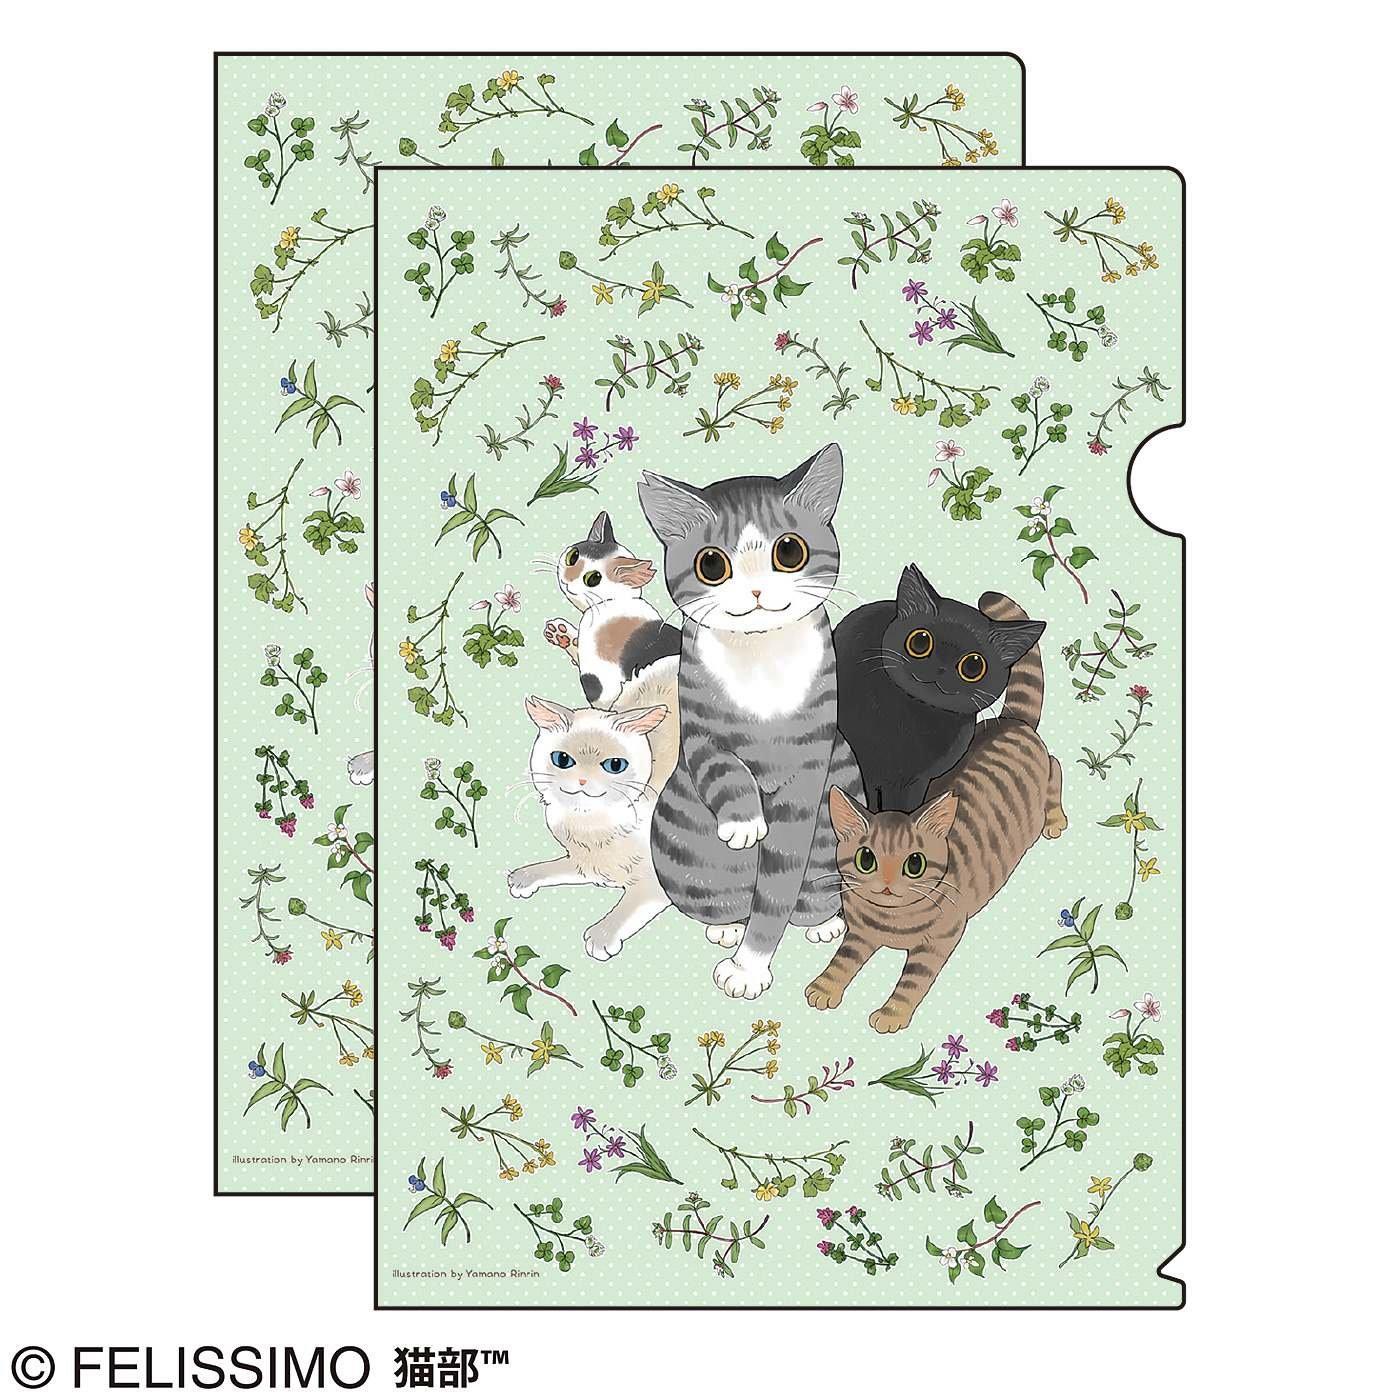 猫部×山野りんりん 地域猫チャリティークリアファイル2019